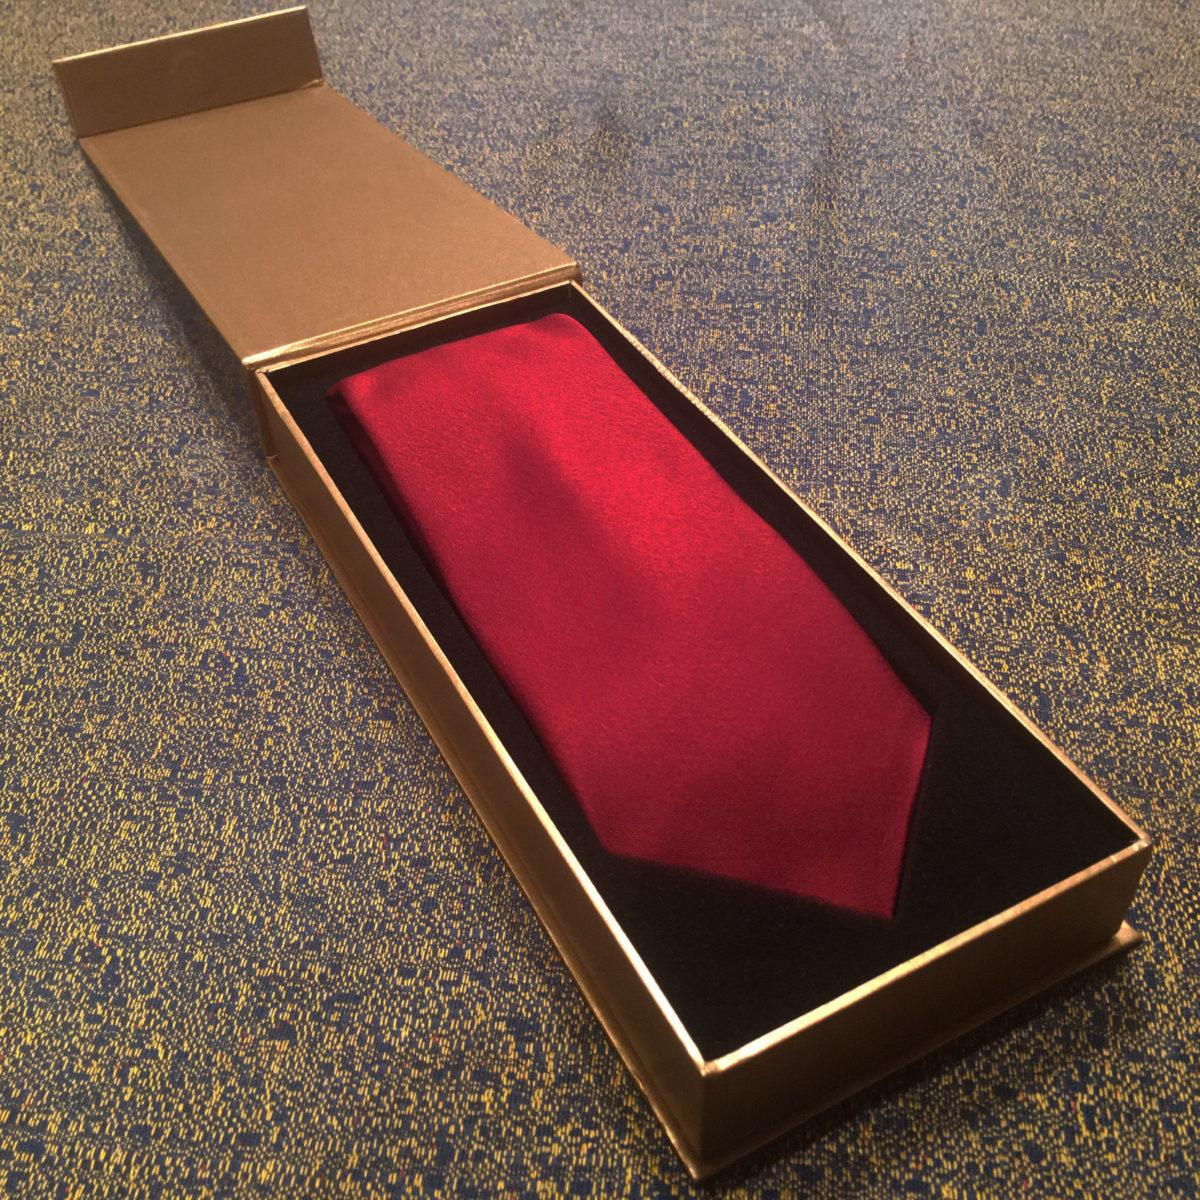 プレゼント,ネクタイ,赤,シルク,ギフトボックス